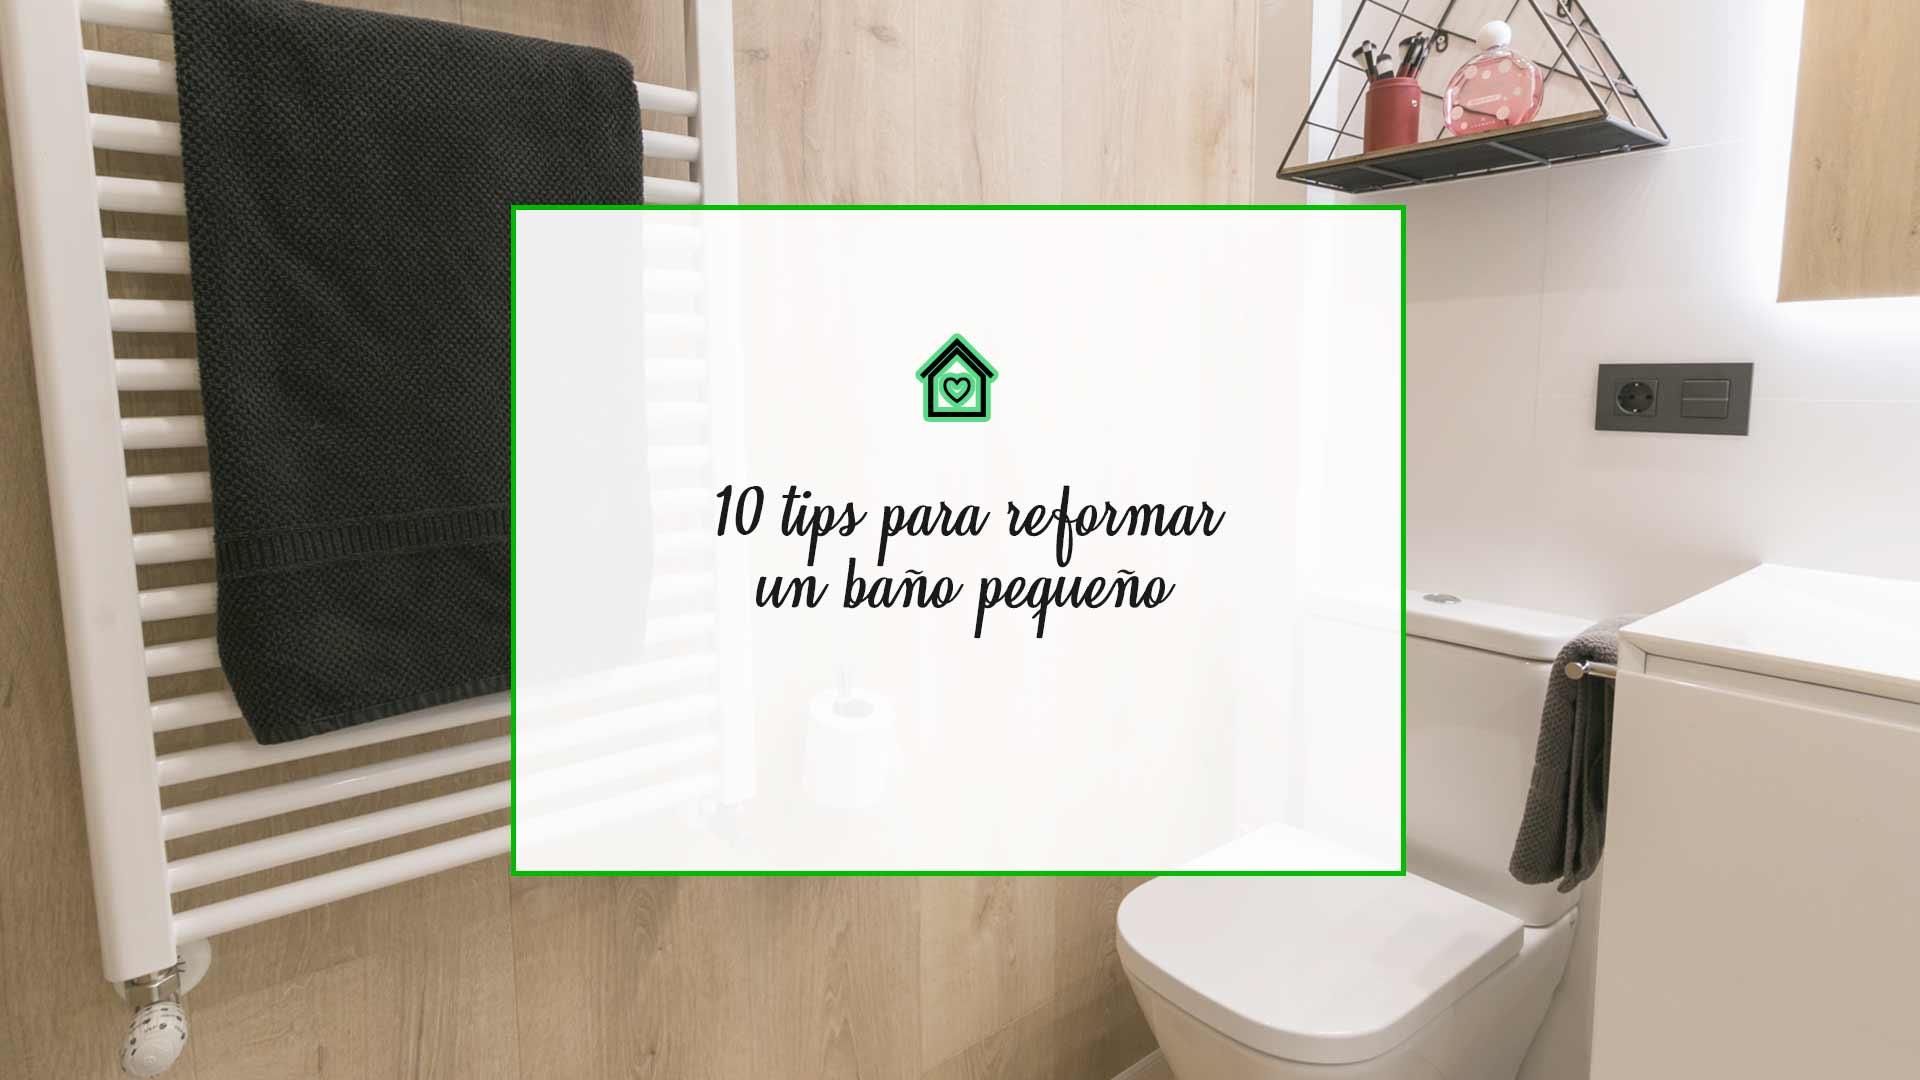 portada reformar un baño pequeño